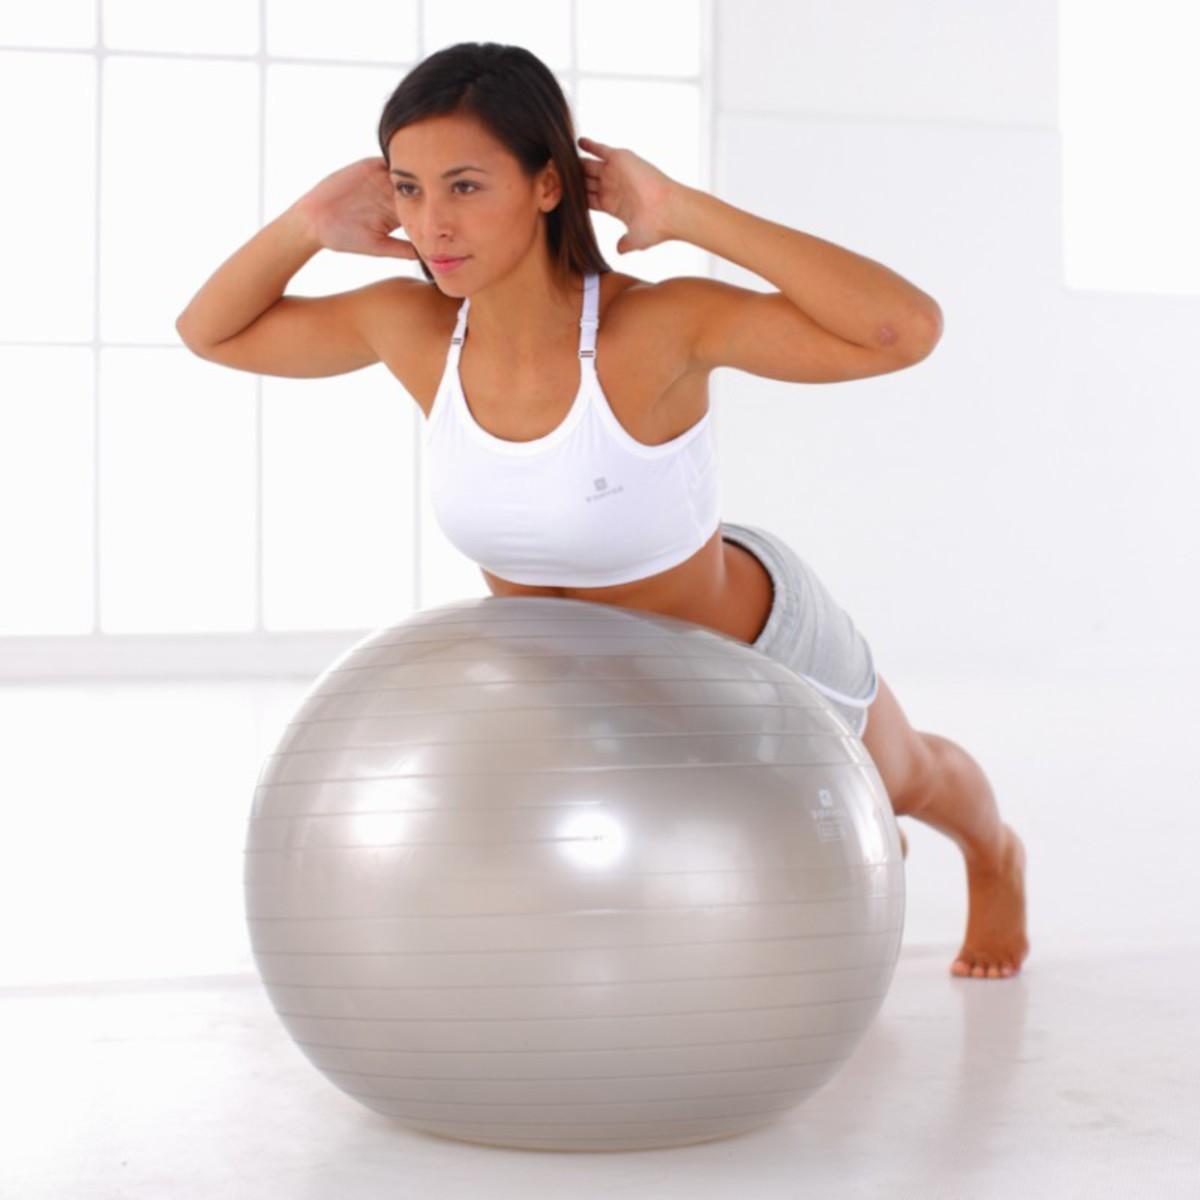 Bild 5 von Gymnastikball Anti-Burst platzsicher M 65cm grau/silber